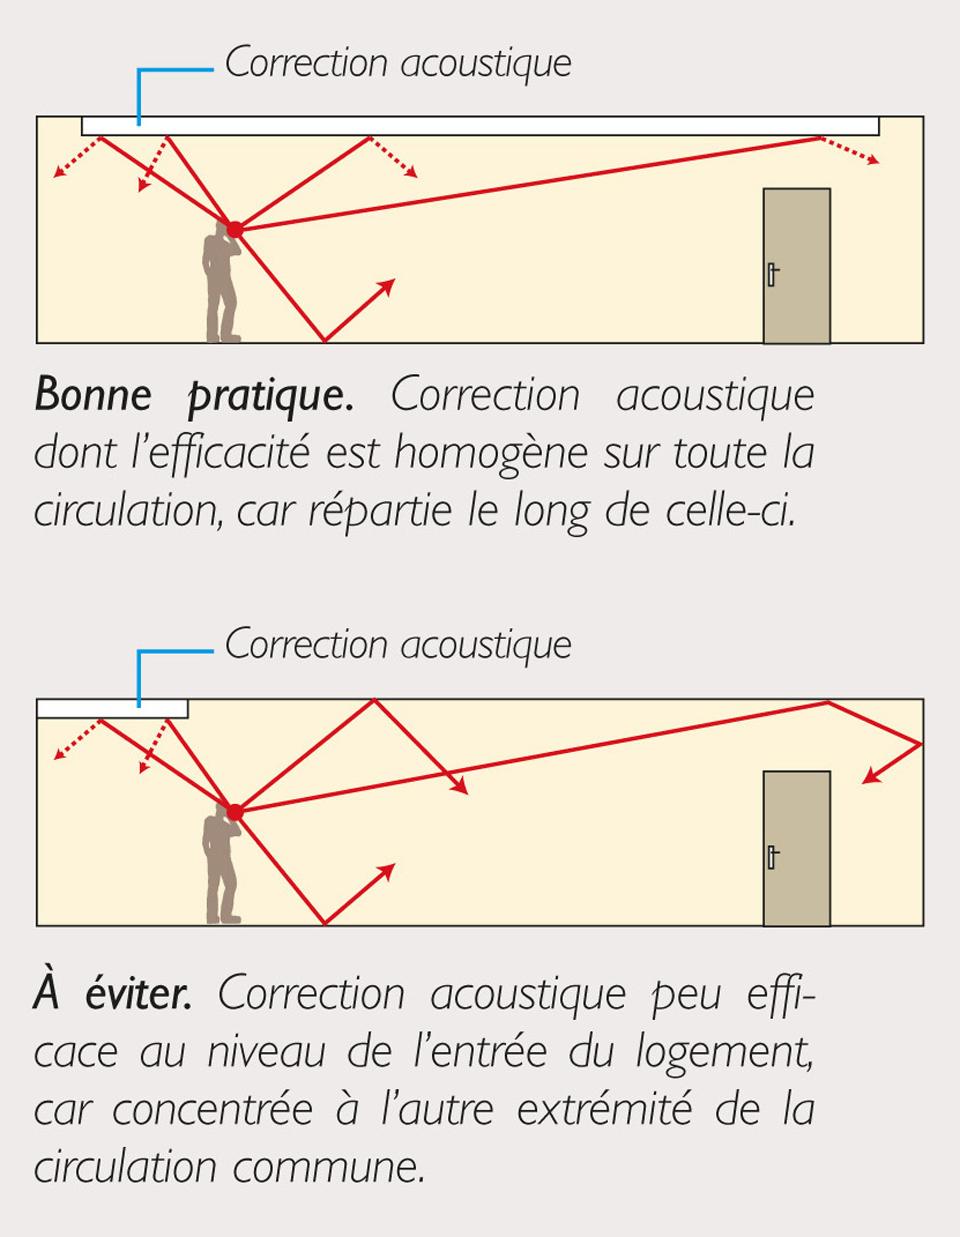 Comparaison de bonne et mauvaise pratique de la répartition des revêtements absorbants et correction acoustique des parties communes